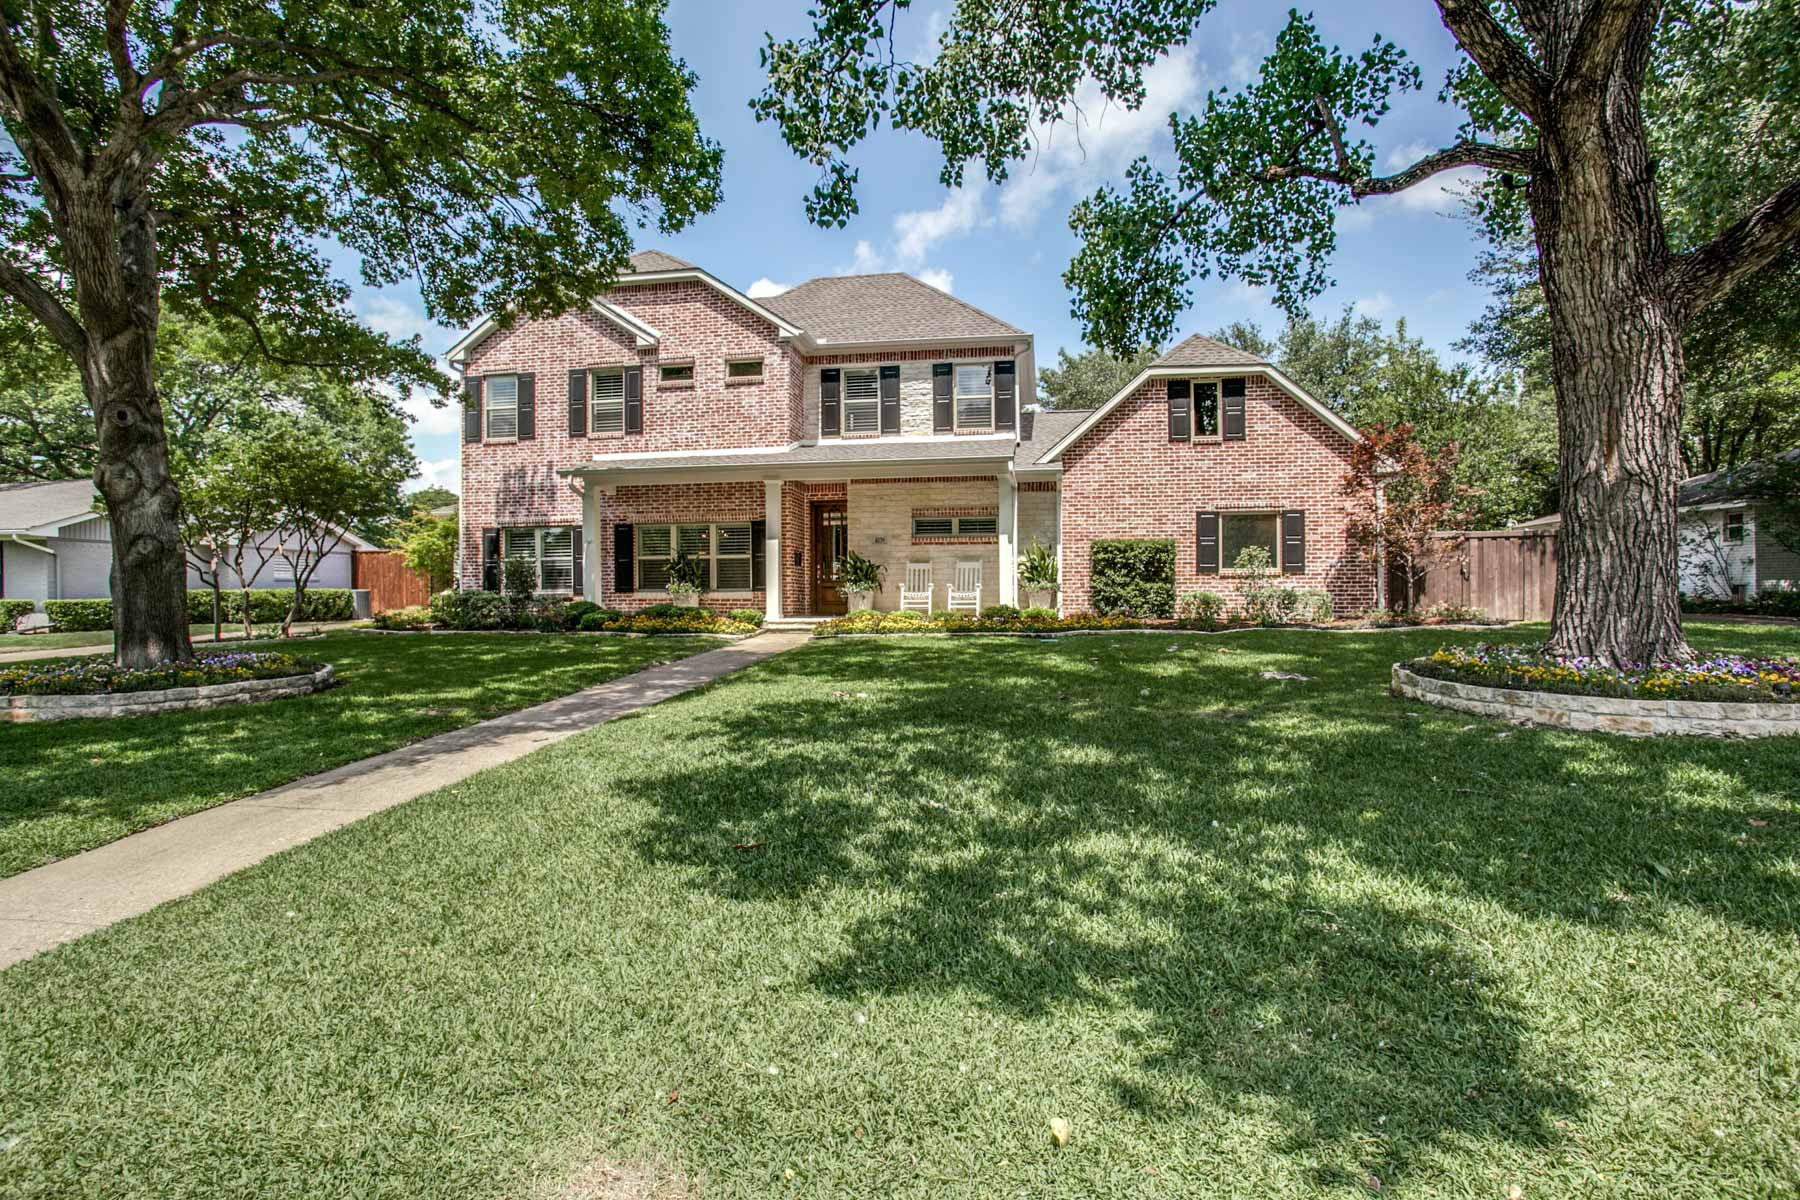 Частный односемейный дом для того Продажа на Stunning Hockaday Area Traditional 4039 Cedarbrush Dr Dallas, Техас, 75229 Соединенные Штаты